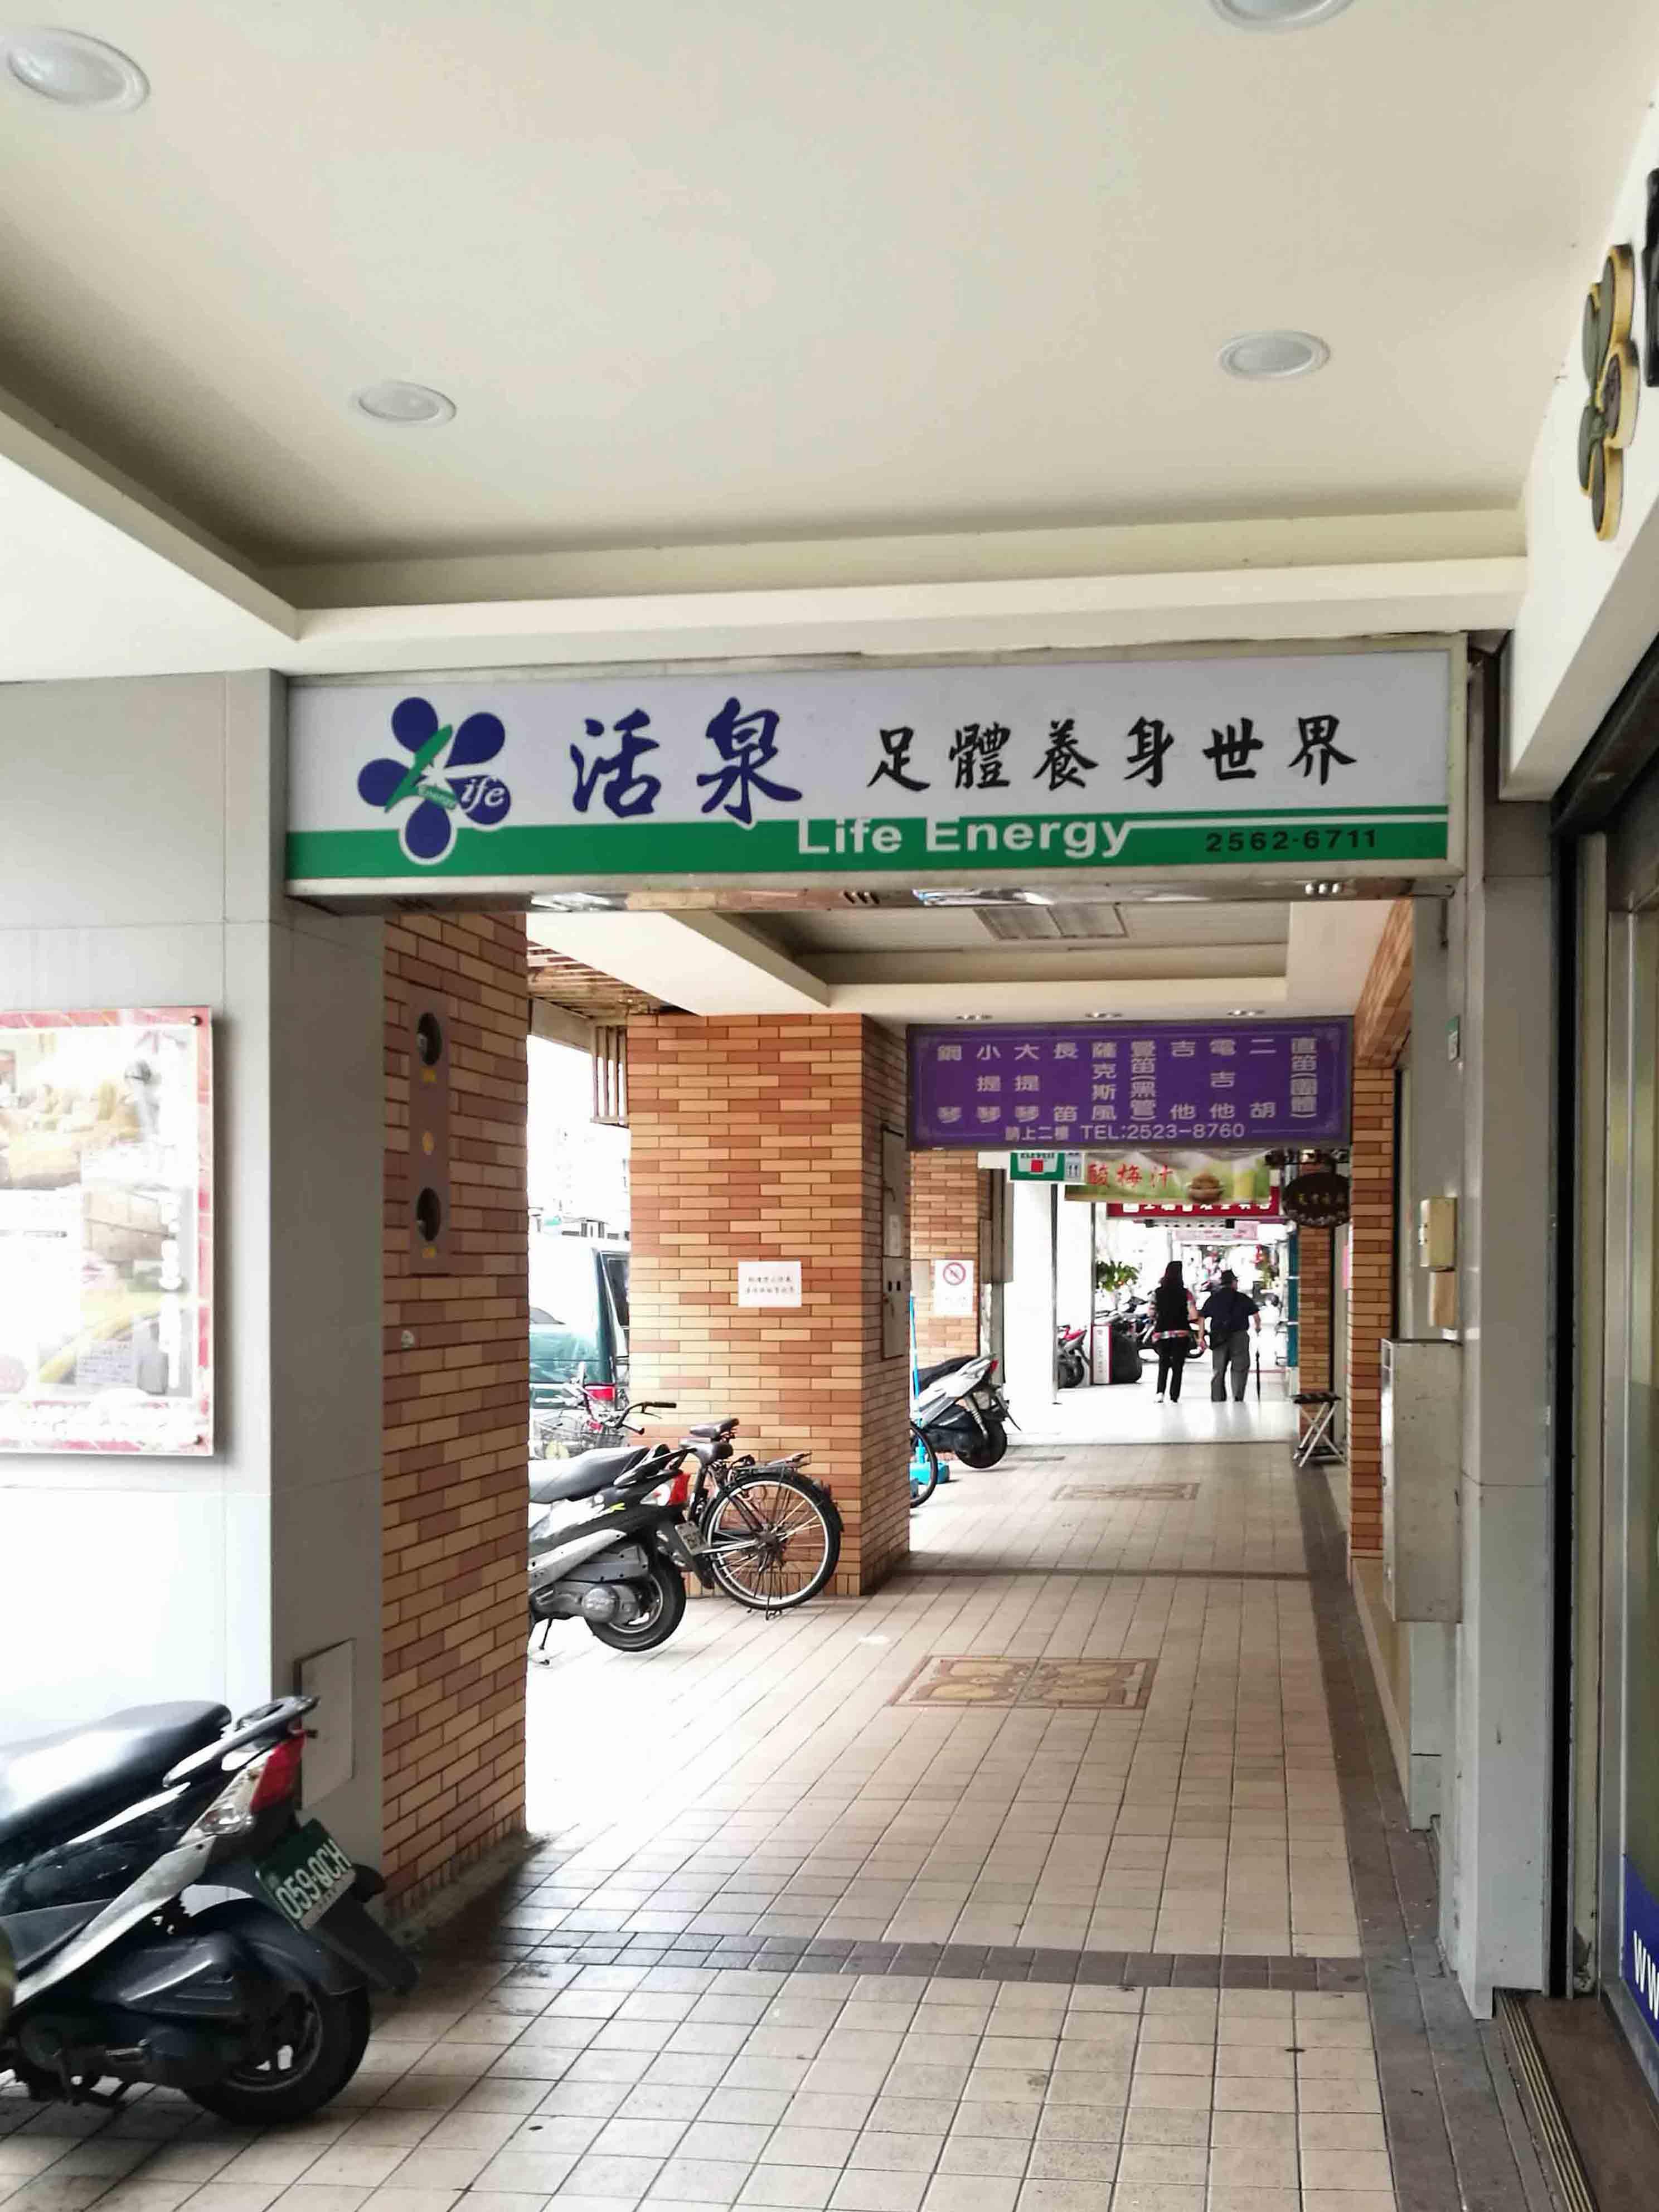 台北のマッサージ屋活泉足體養身世界の写真